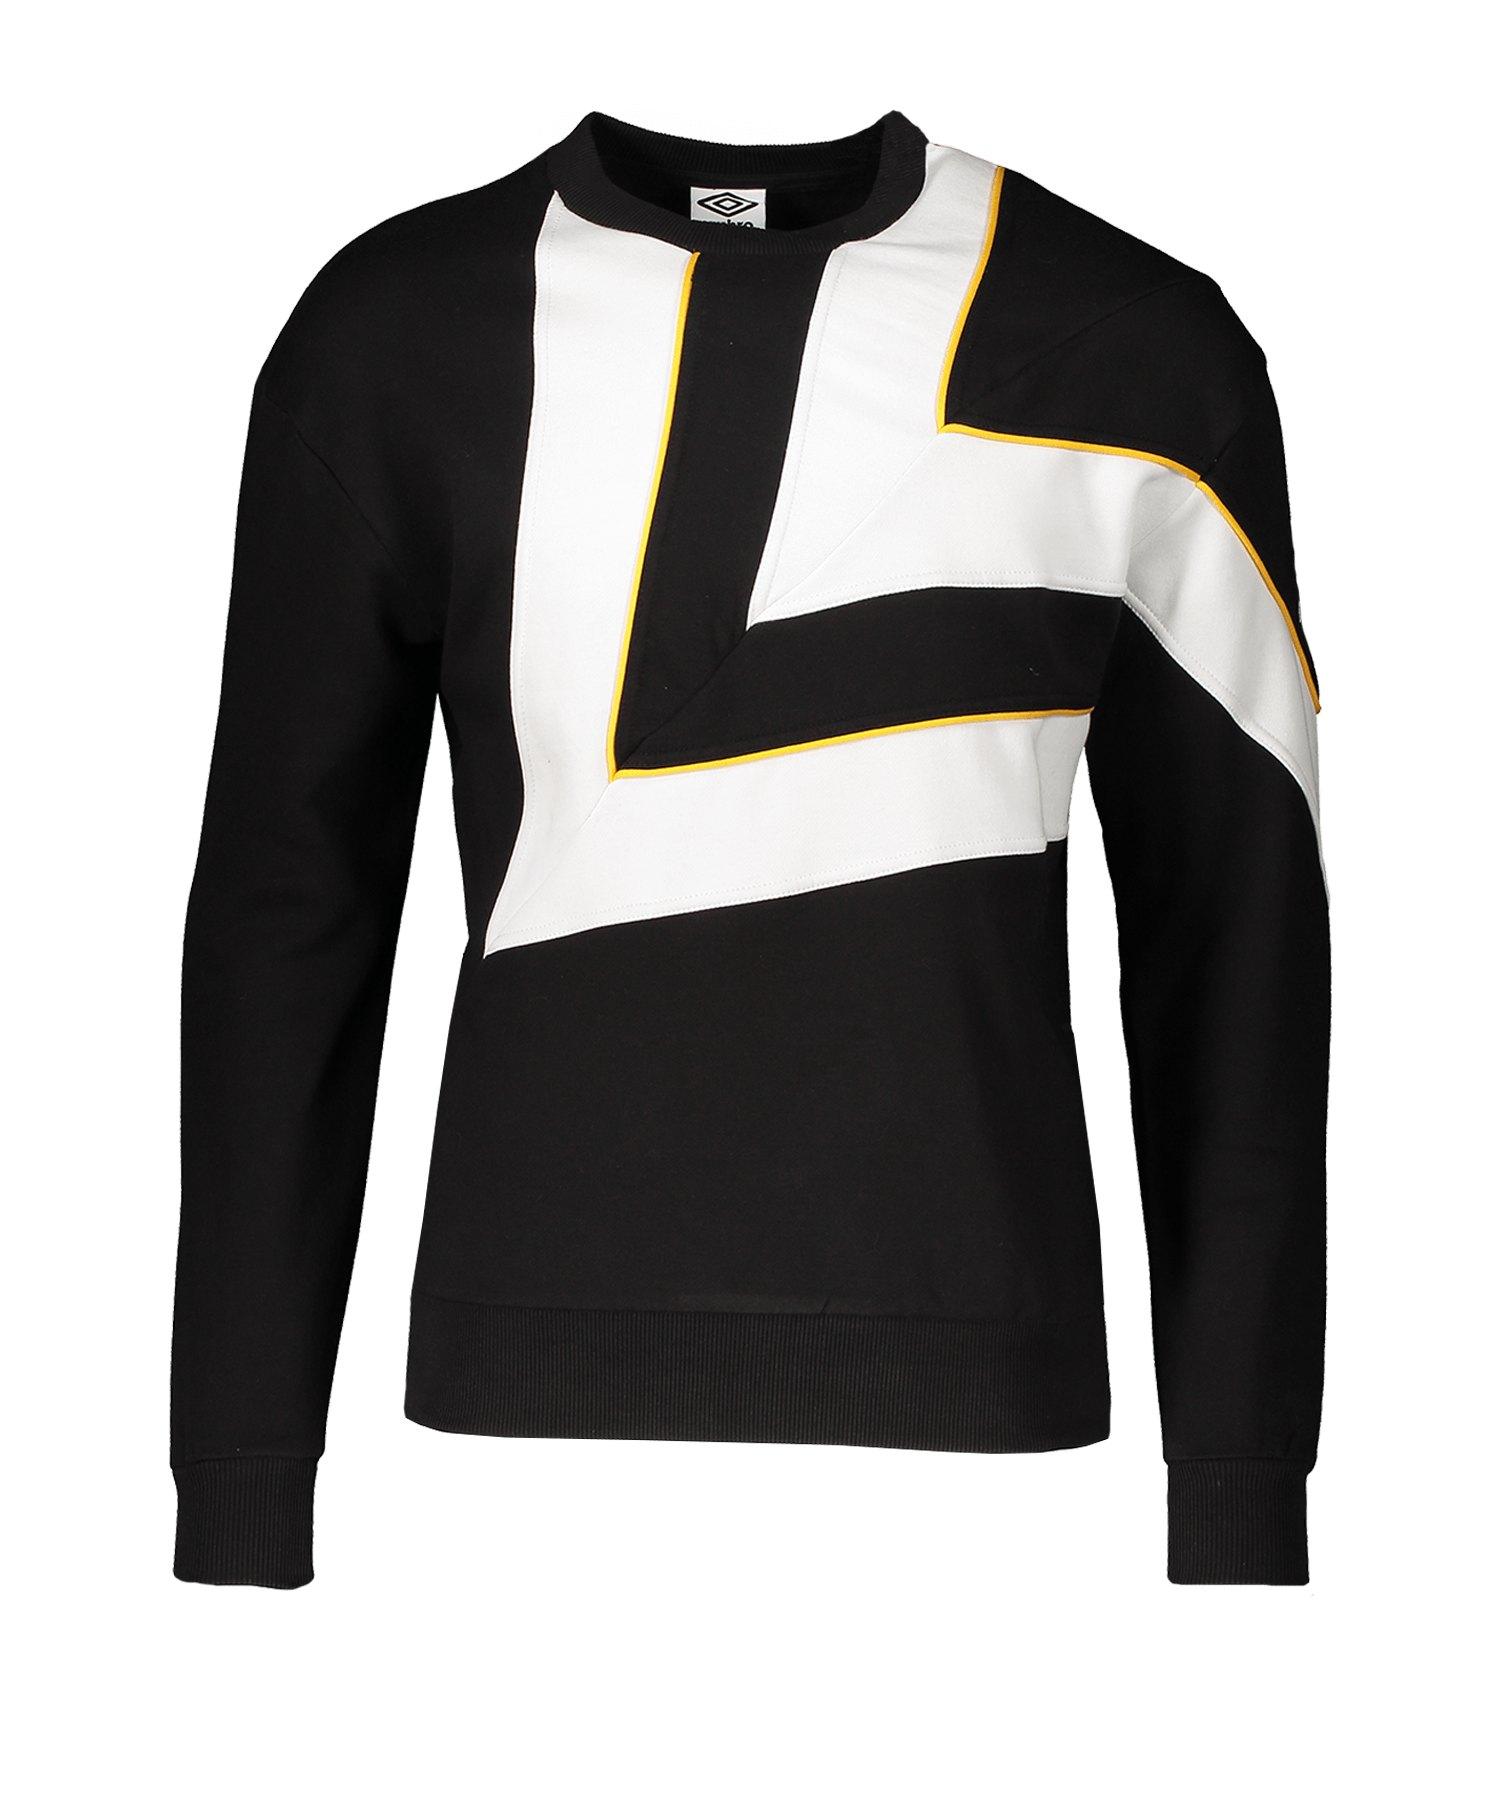 Umbro Diamond Cut Kapuzensweatshirt Schwarz FL3 - schwarz